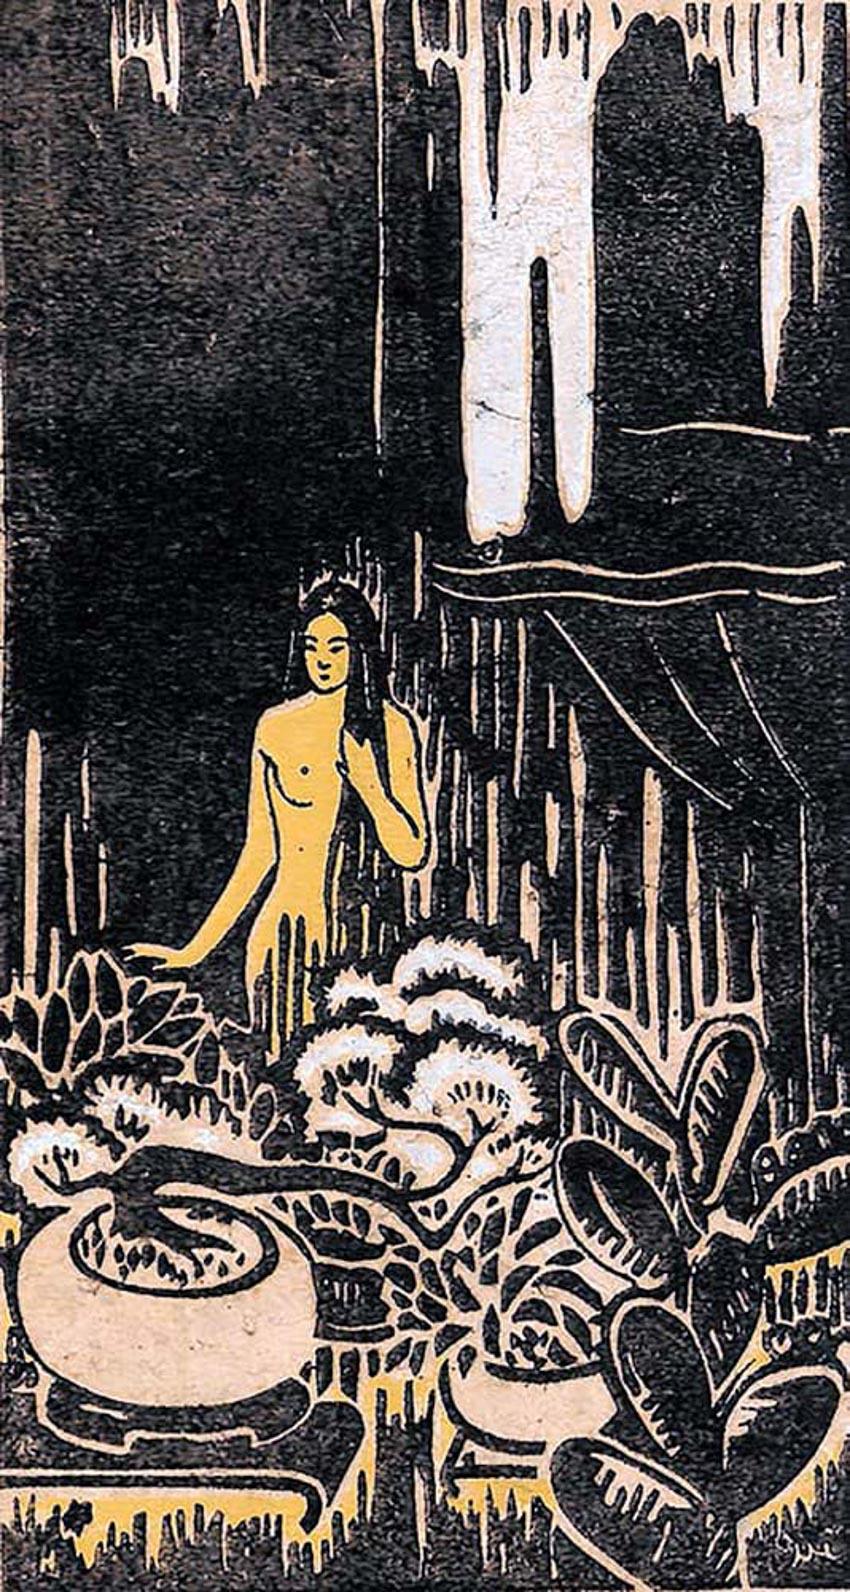 Kỷ niệm 200 năm ngày mất thi hào Nguyễn Du (1820 - 2020): Lịch sử một câu nói -4